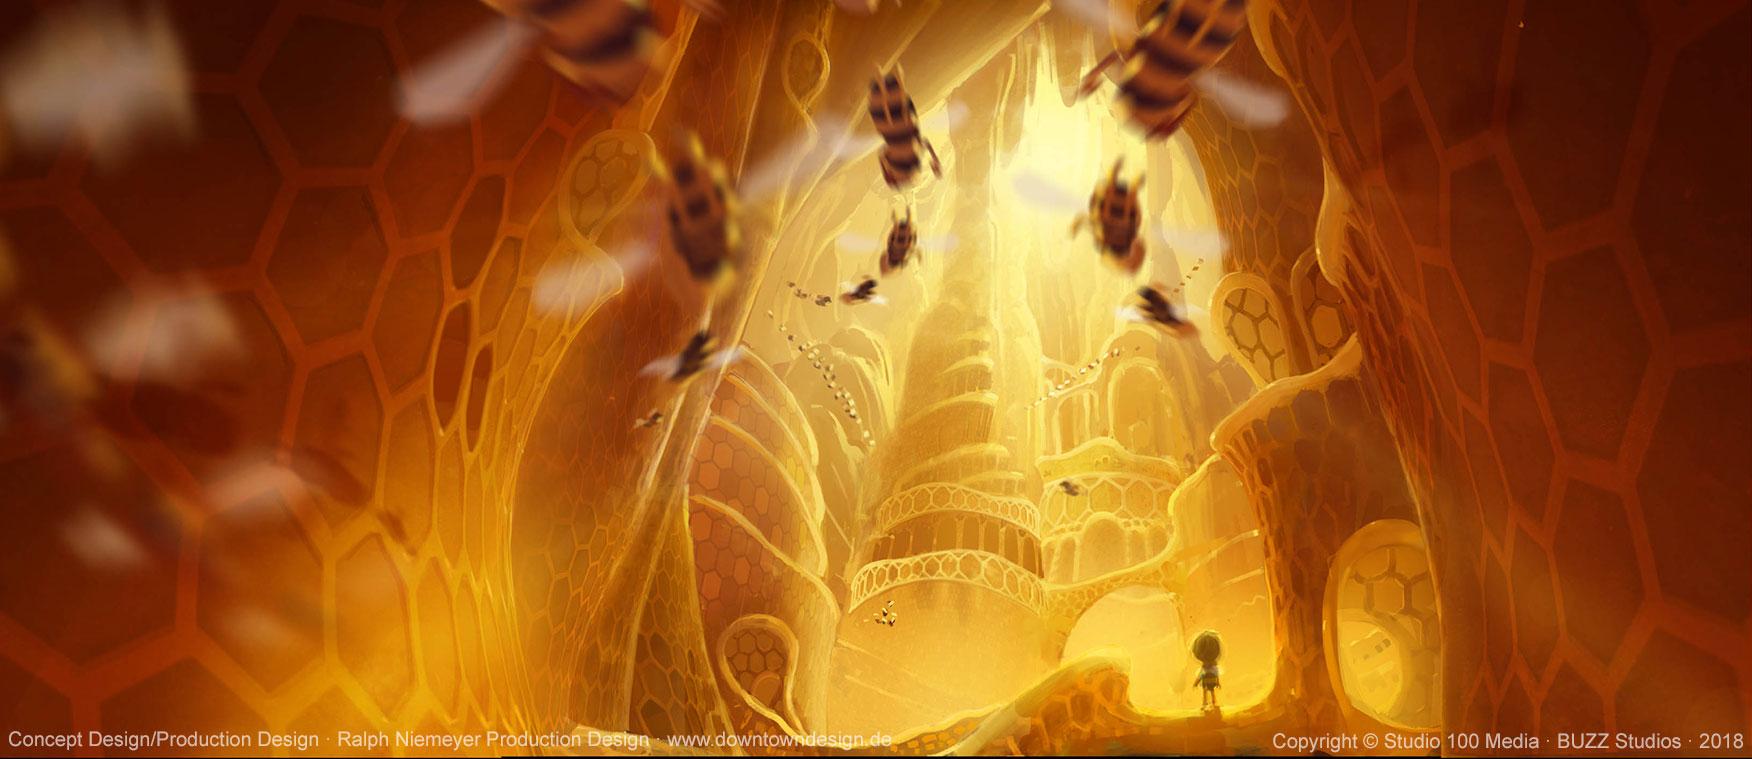 die-biene-maja-2-die-honigspiele-concept-art-ralph-niemeyer-hive-buzztropolis